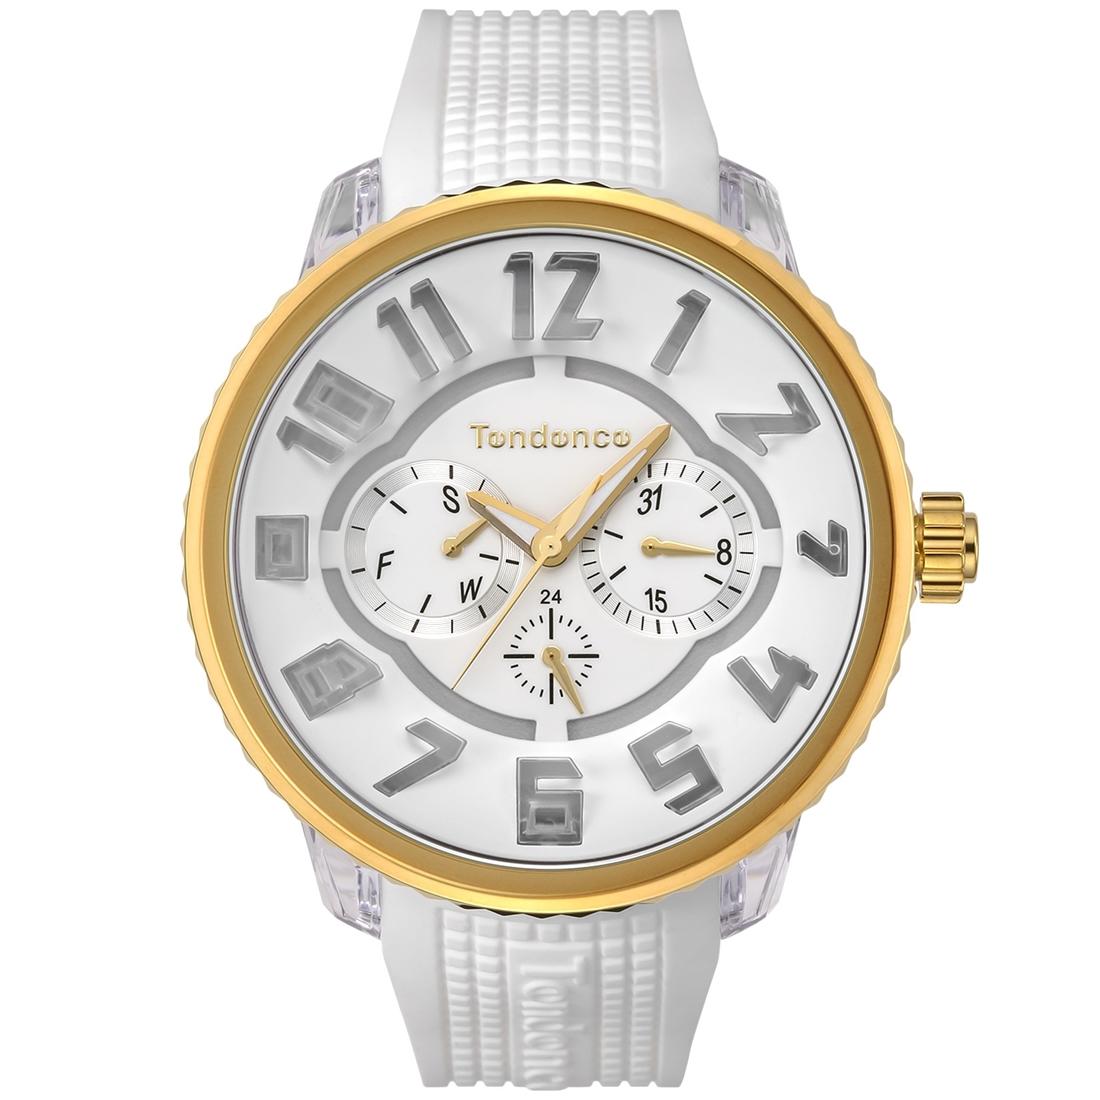 正規品 Tendence テンデンス TY562005 フラッシュ 腕時計